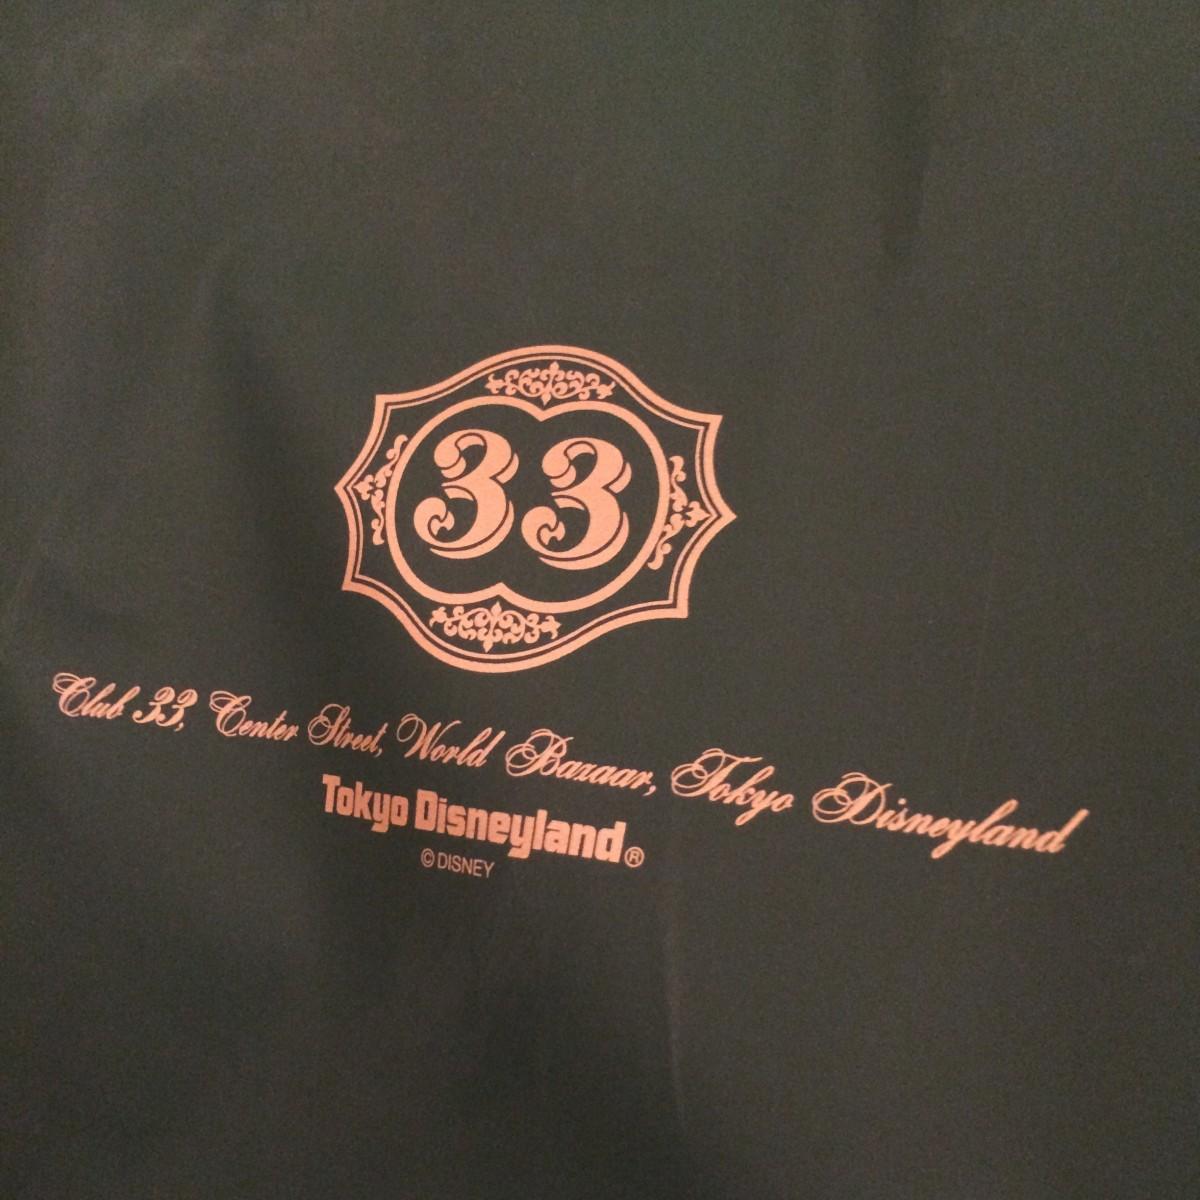 ディズニーランド 秘密の会員制レストラン「Club33」に紹介無しで食事する唯一の方法とは?